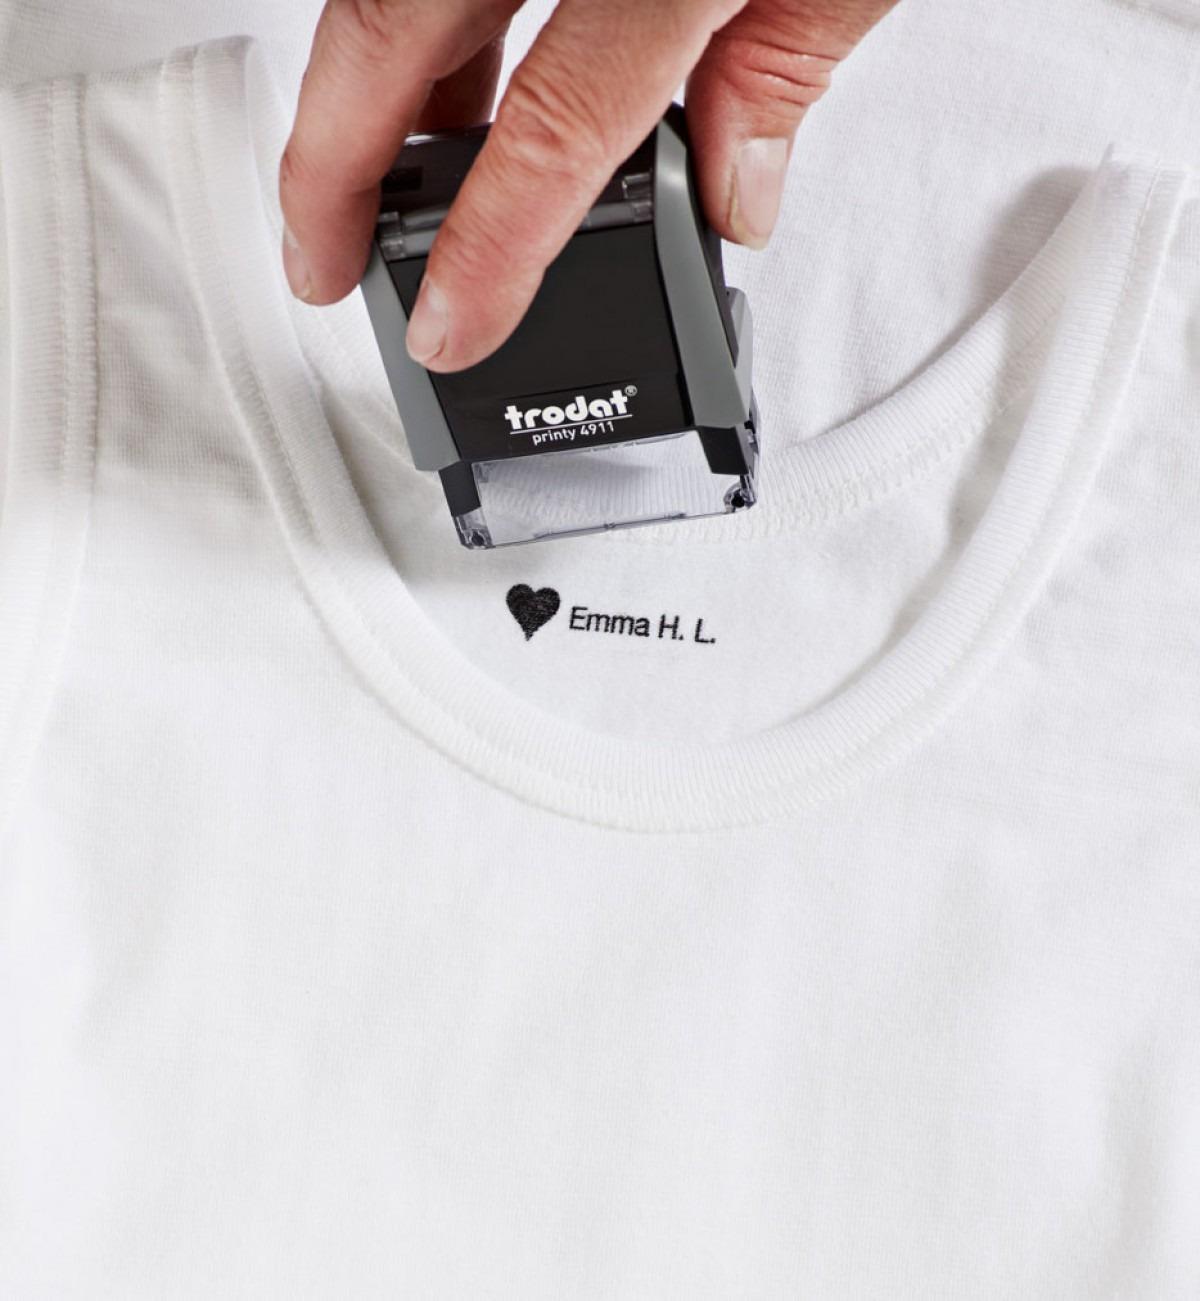 6bcac646 Tøystempel til klær! Med fast eller utskiftbar tekst